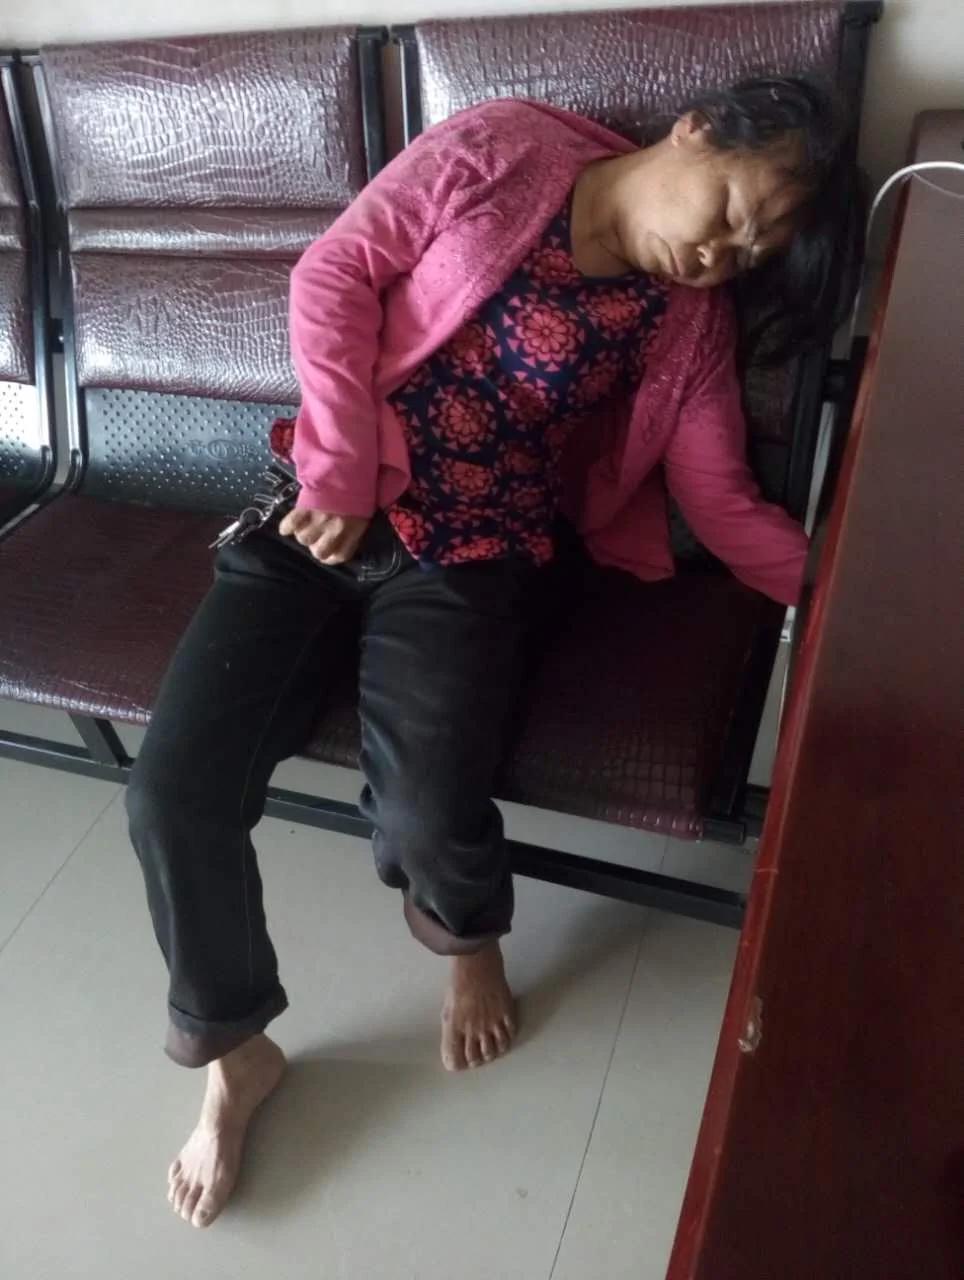 数十警察抓打拘留遭强拆残疾母女 露宿政府向外媒爆料获罪